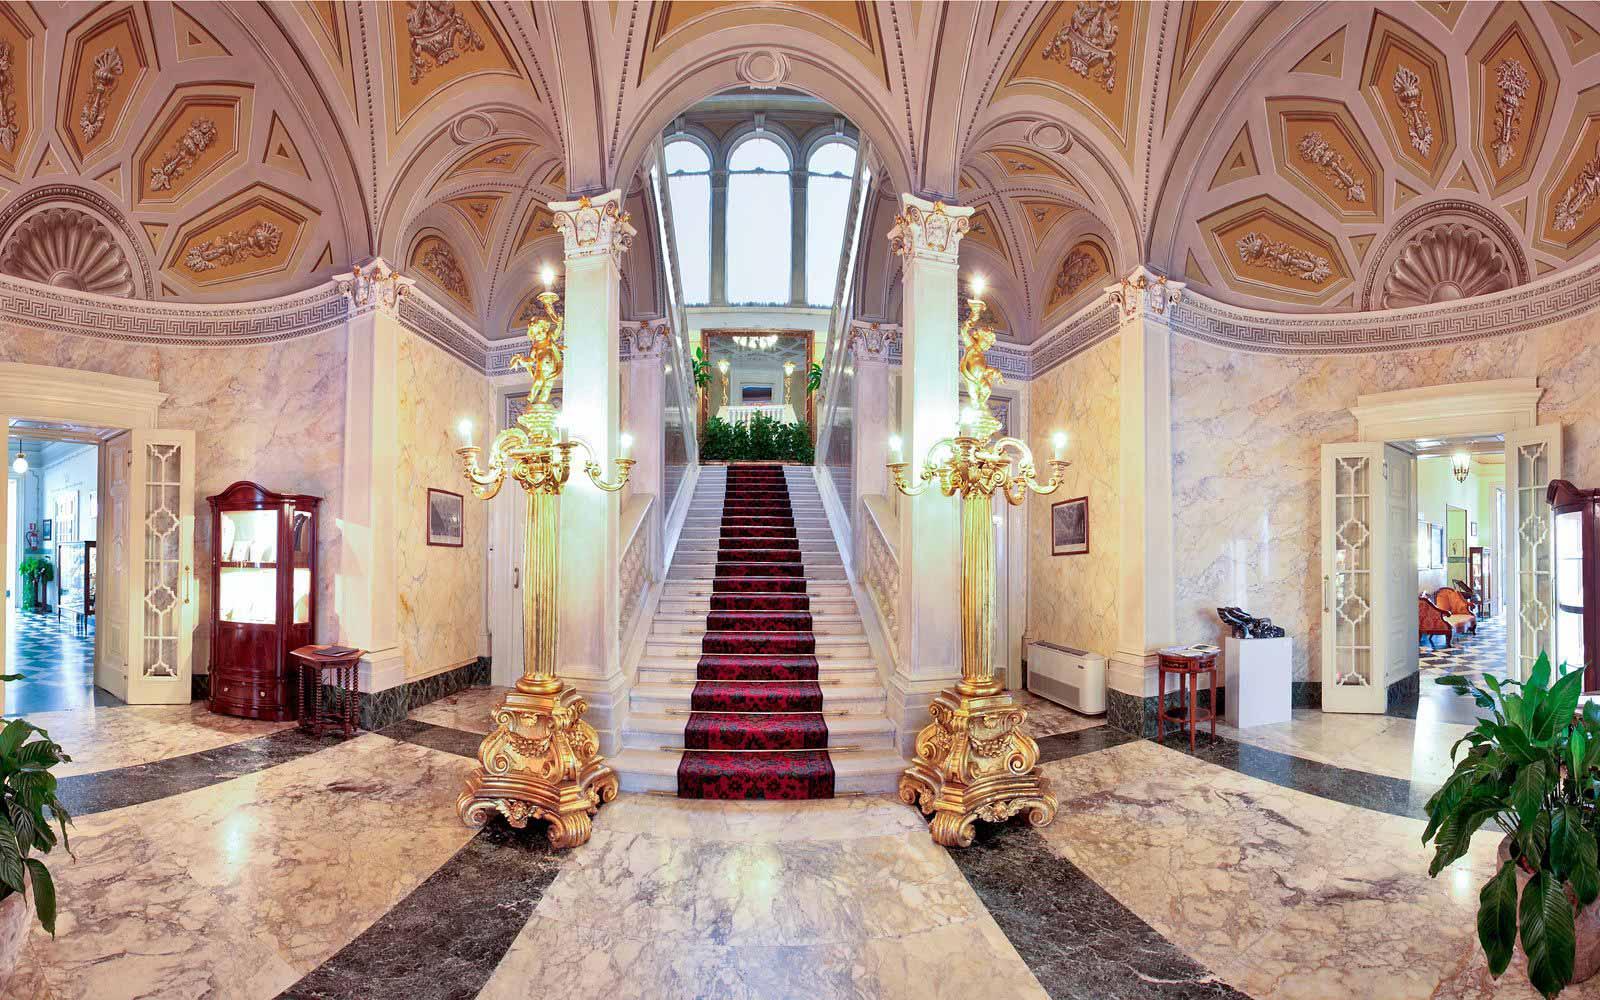 Reception hall at Grand Hotel Villa Serbelloni